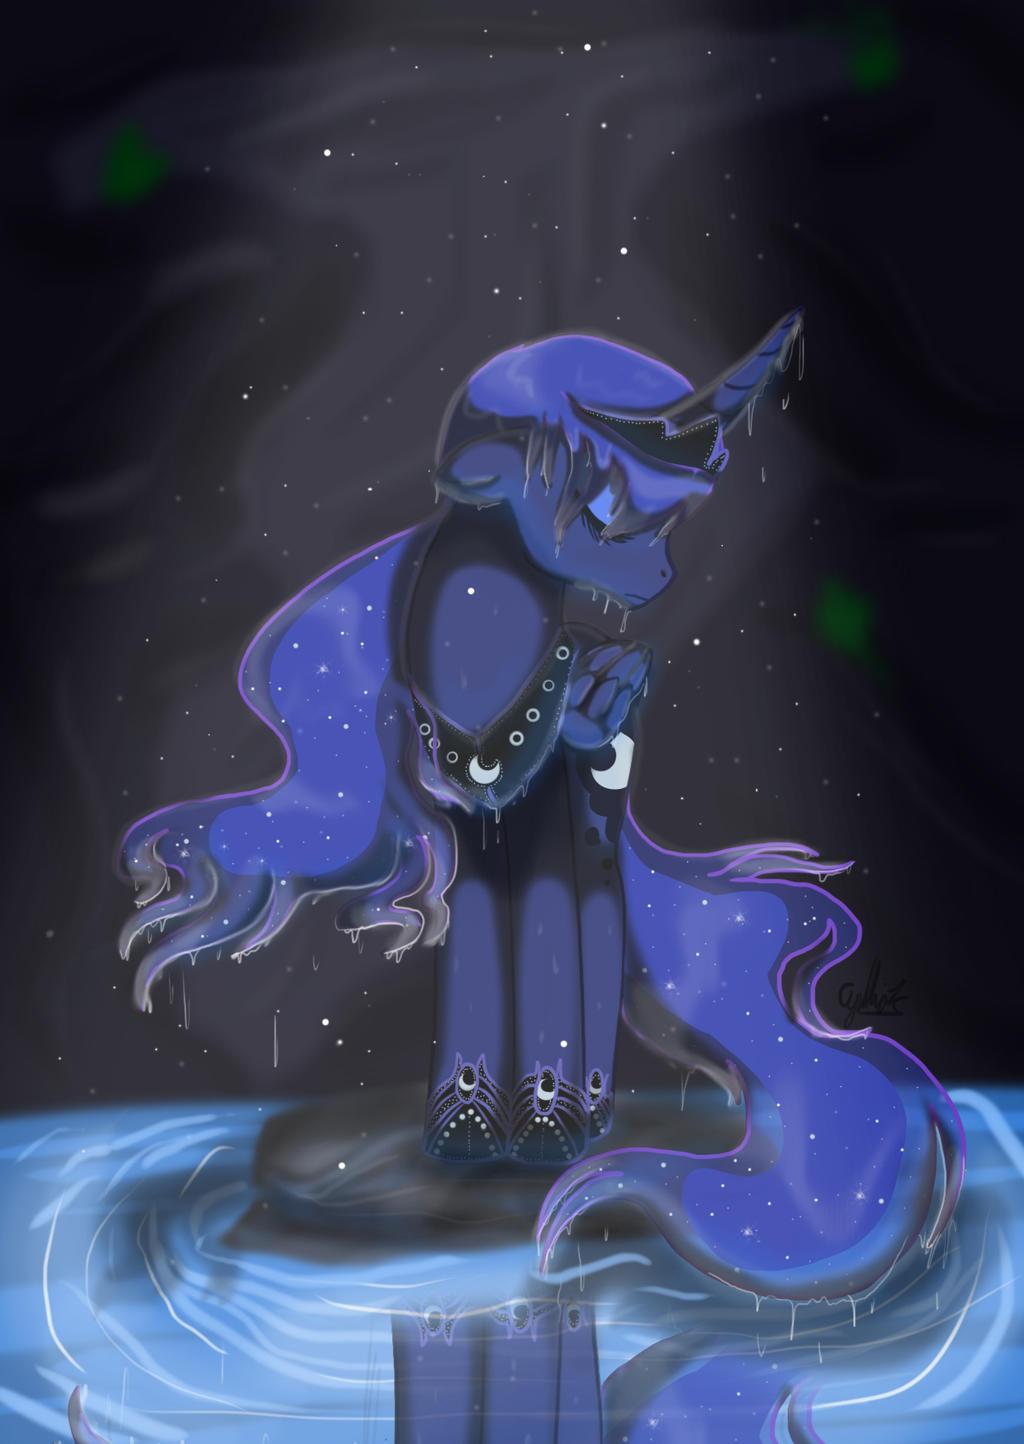 Moonshine by Kruemelforever